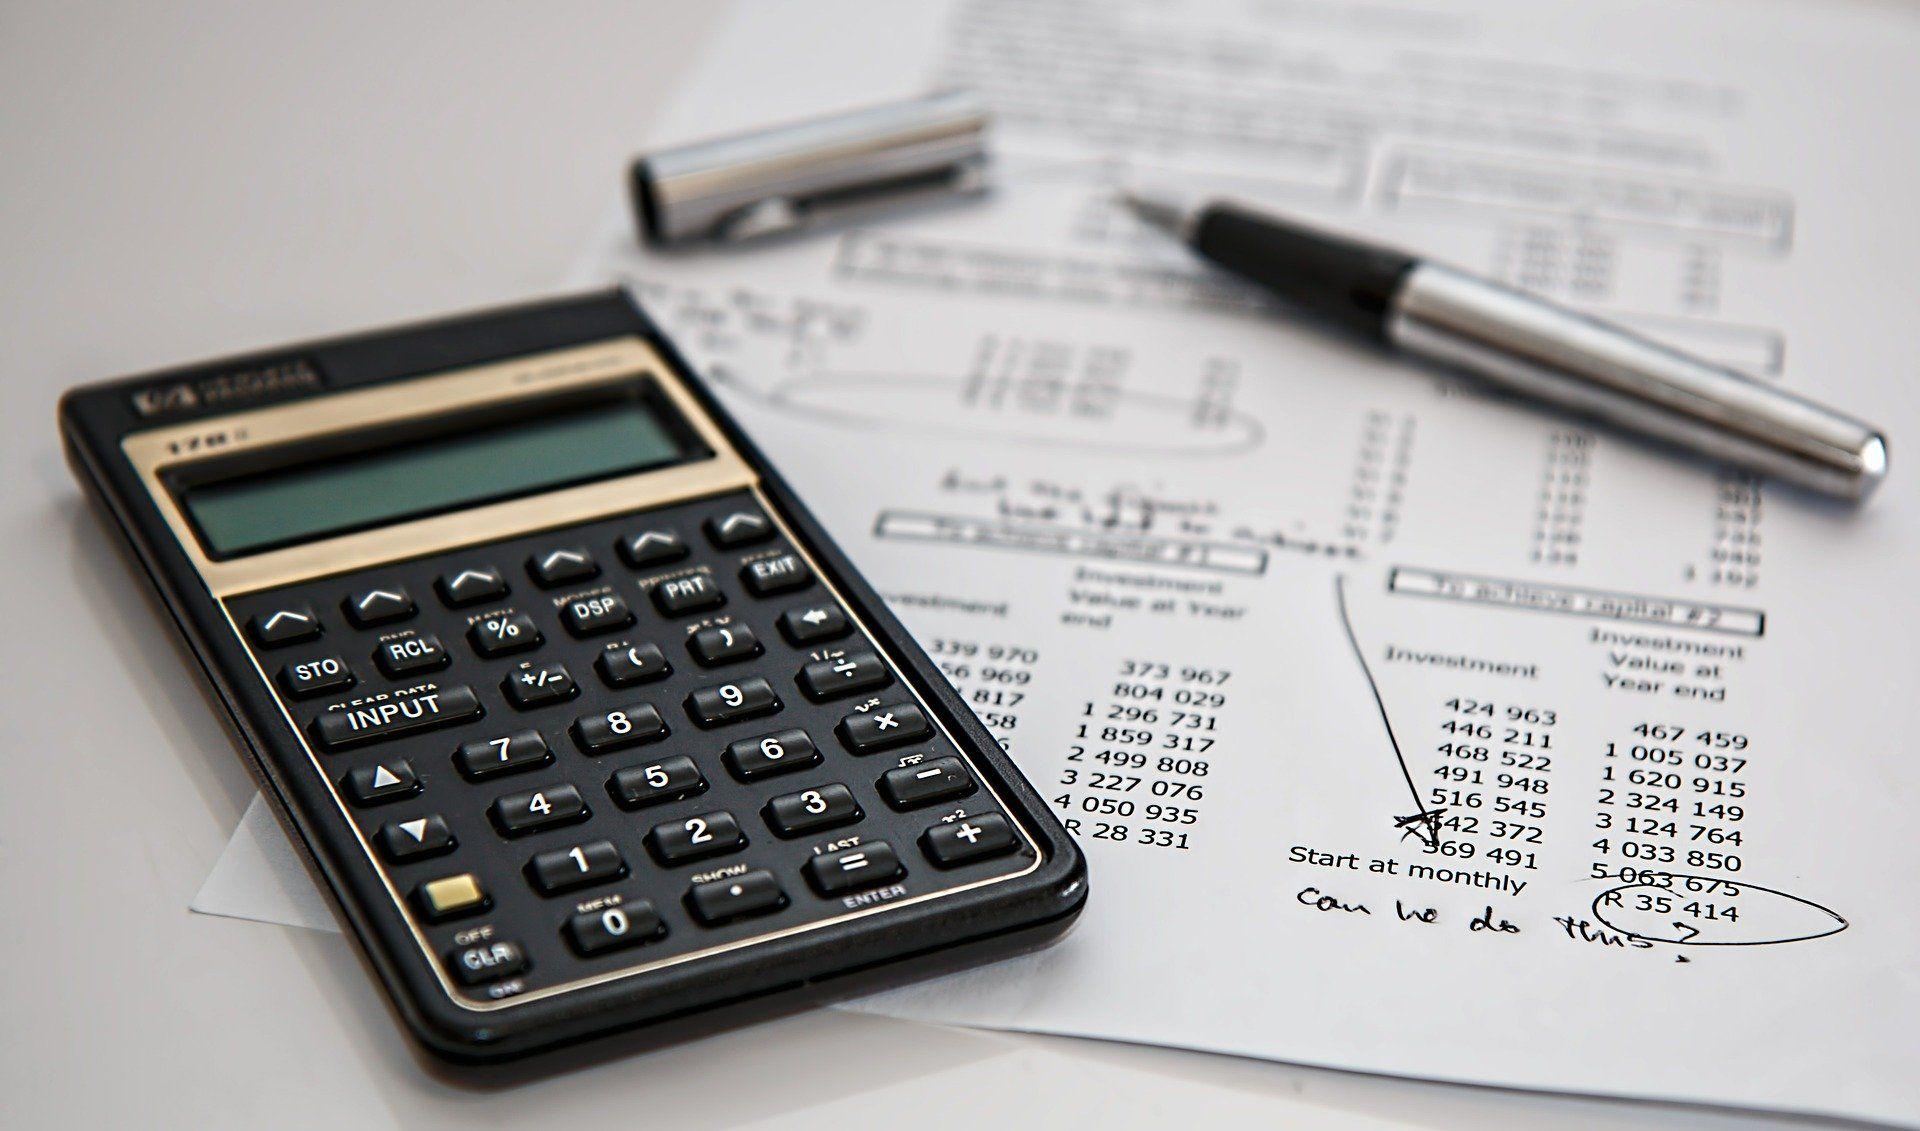 Новороссийцы стали получать налоговый вычет по упрощенной схеме. Есть несколько секретов